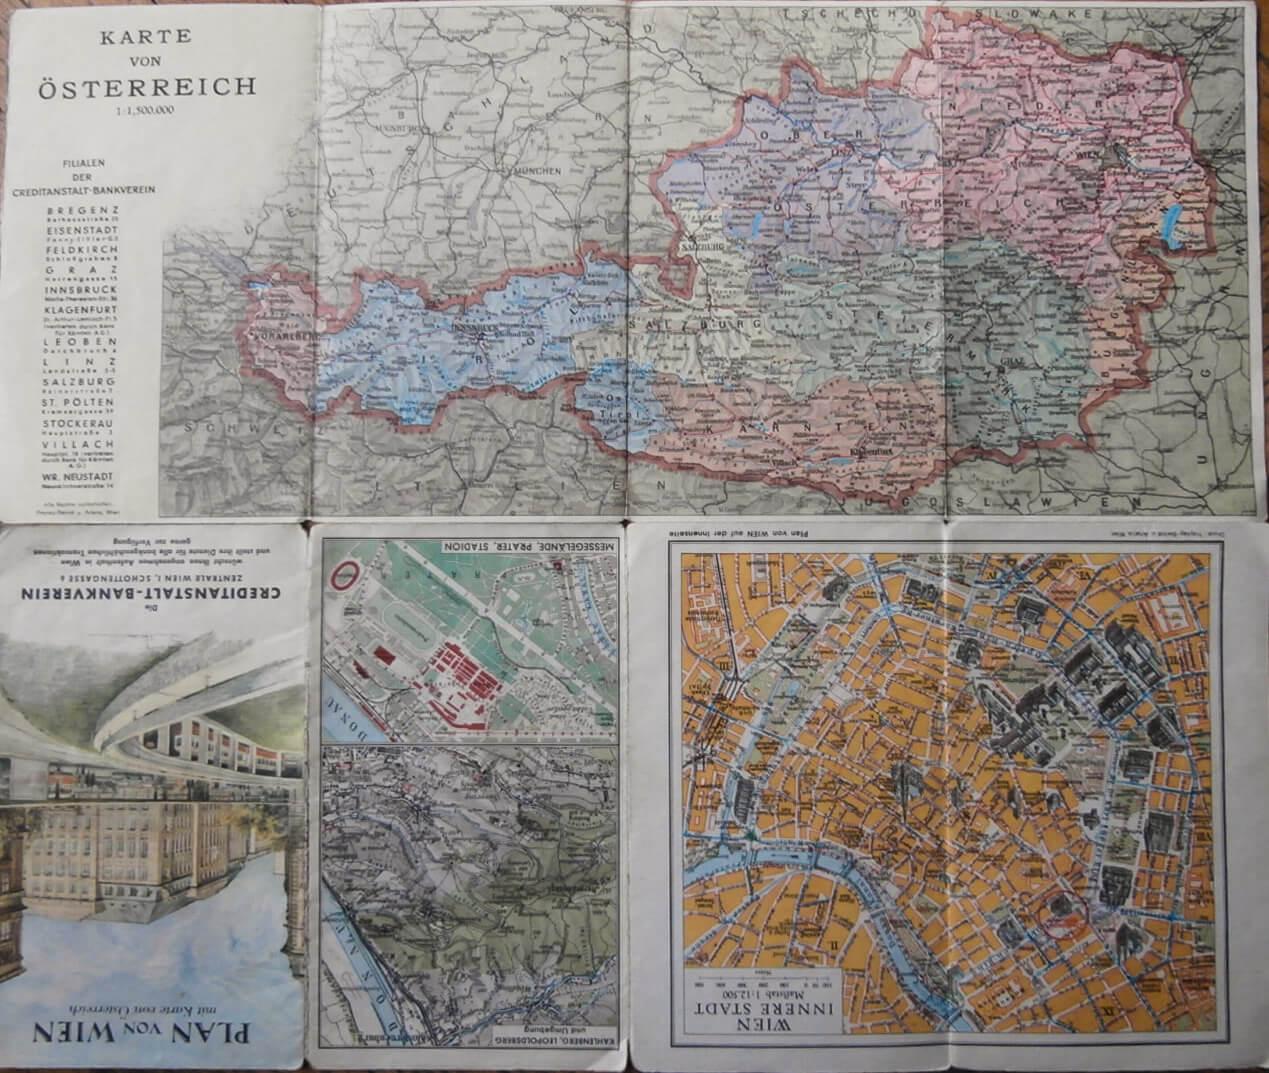 Plan von Wien Karte von Österreich 1963 Austria Wien map